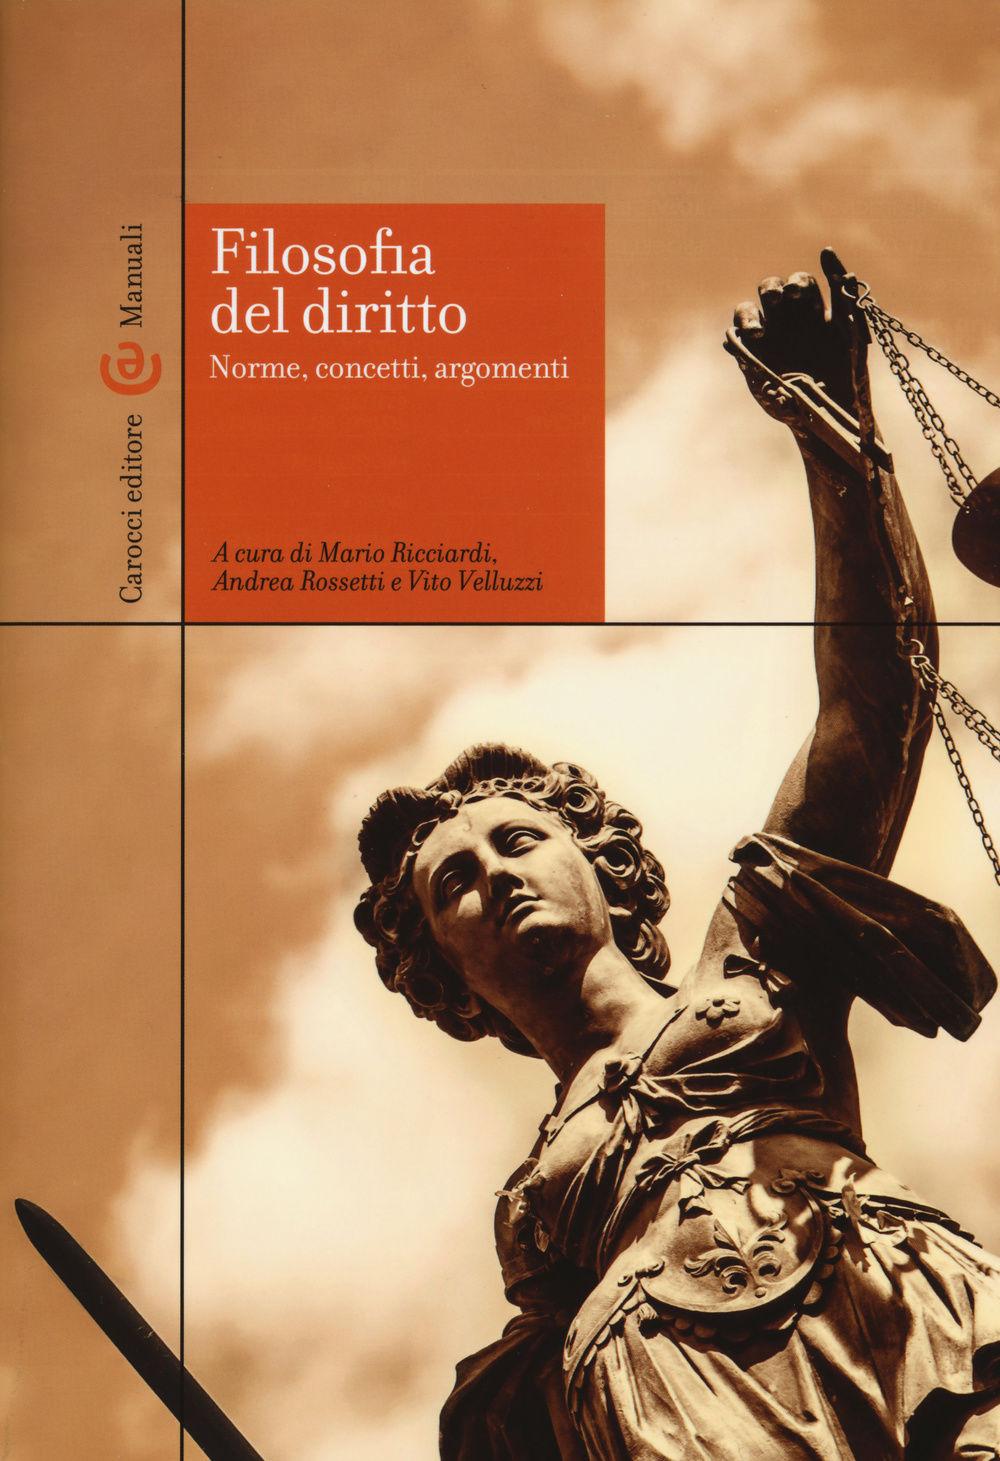 Filosofia del diritto: norme, concetti, argomenti. A cura di Mario Ricciardi, Andrea Rossetti e Vito Velluzzi